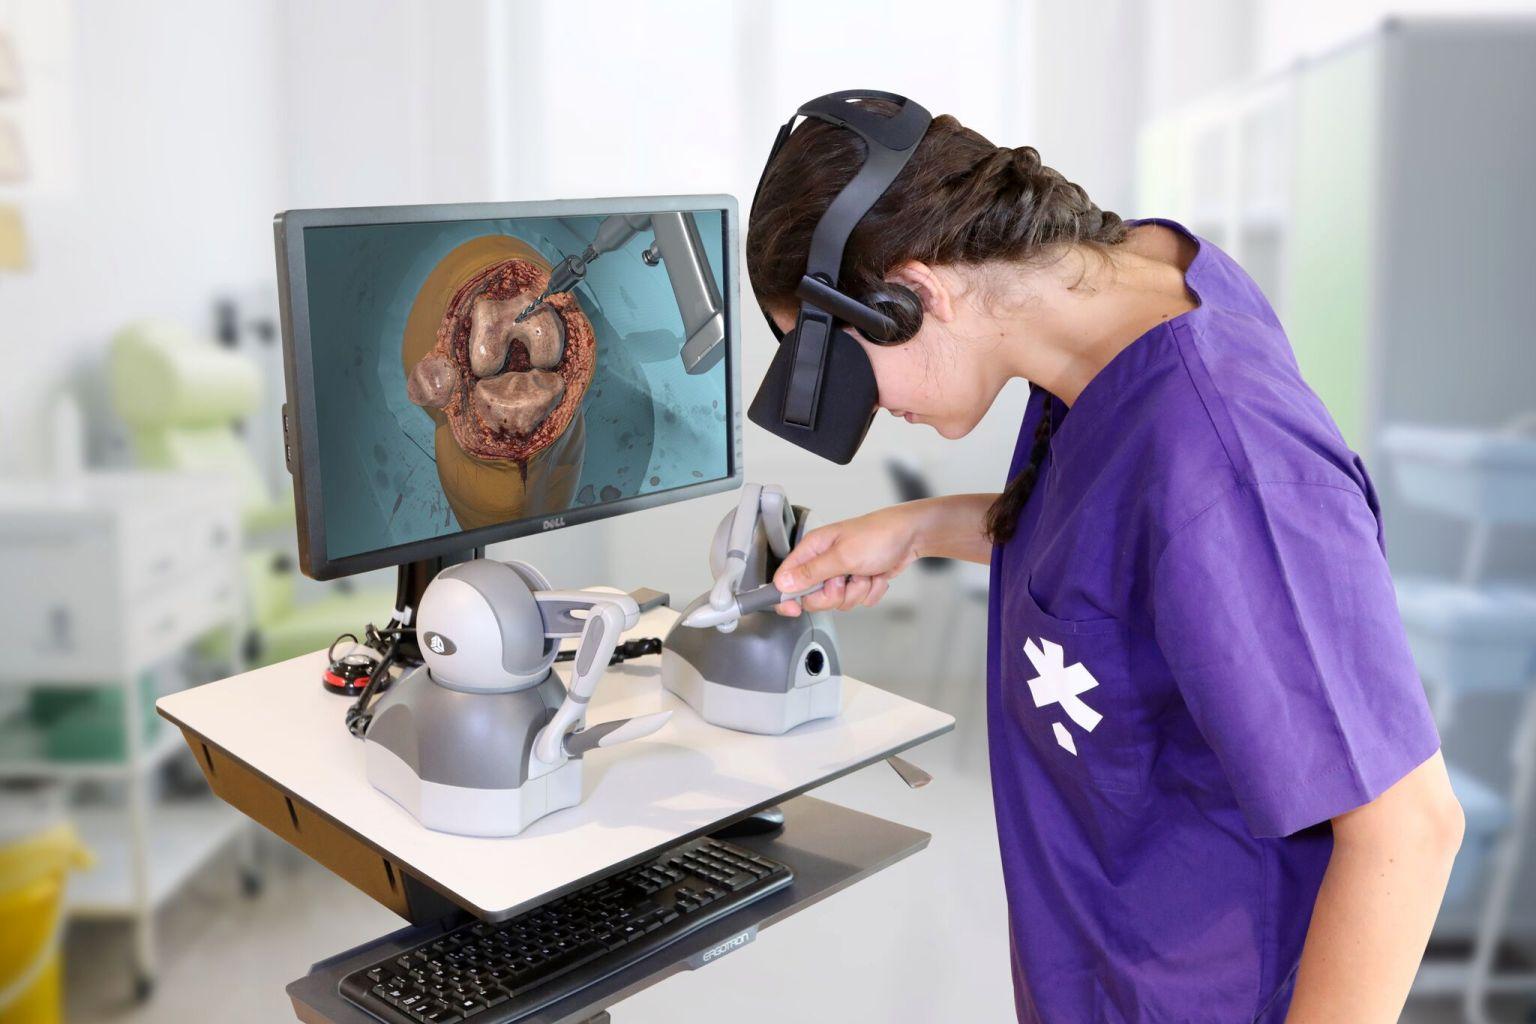 Вот как может выглядеть будущее образование хирургов